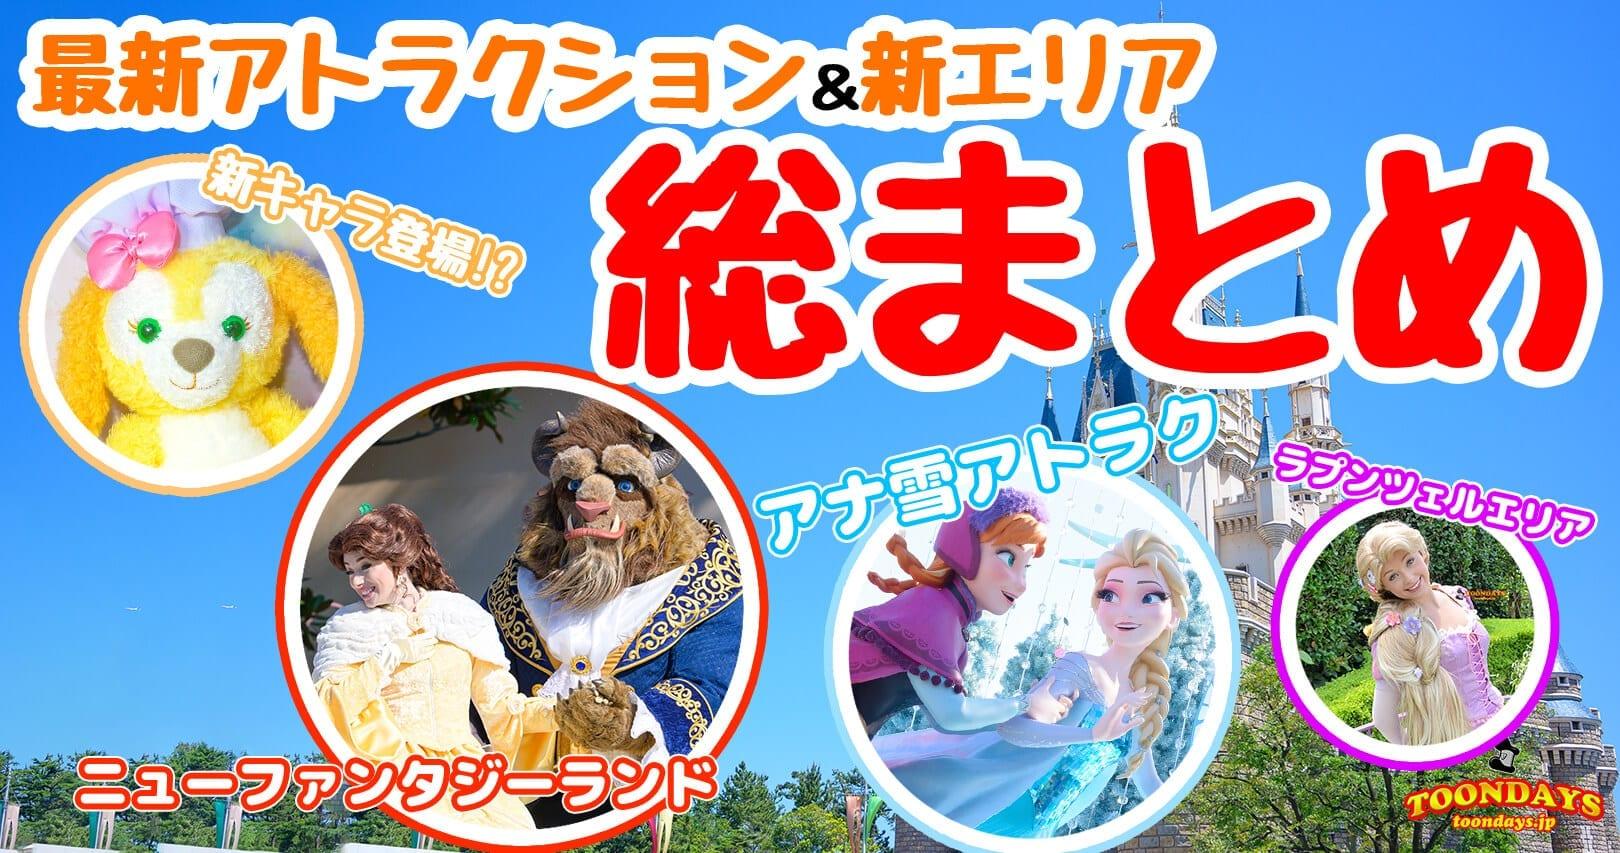 【驚愕】東京ディズニーランド&シーの新アトラクション&新エリアを総まとめ!